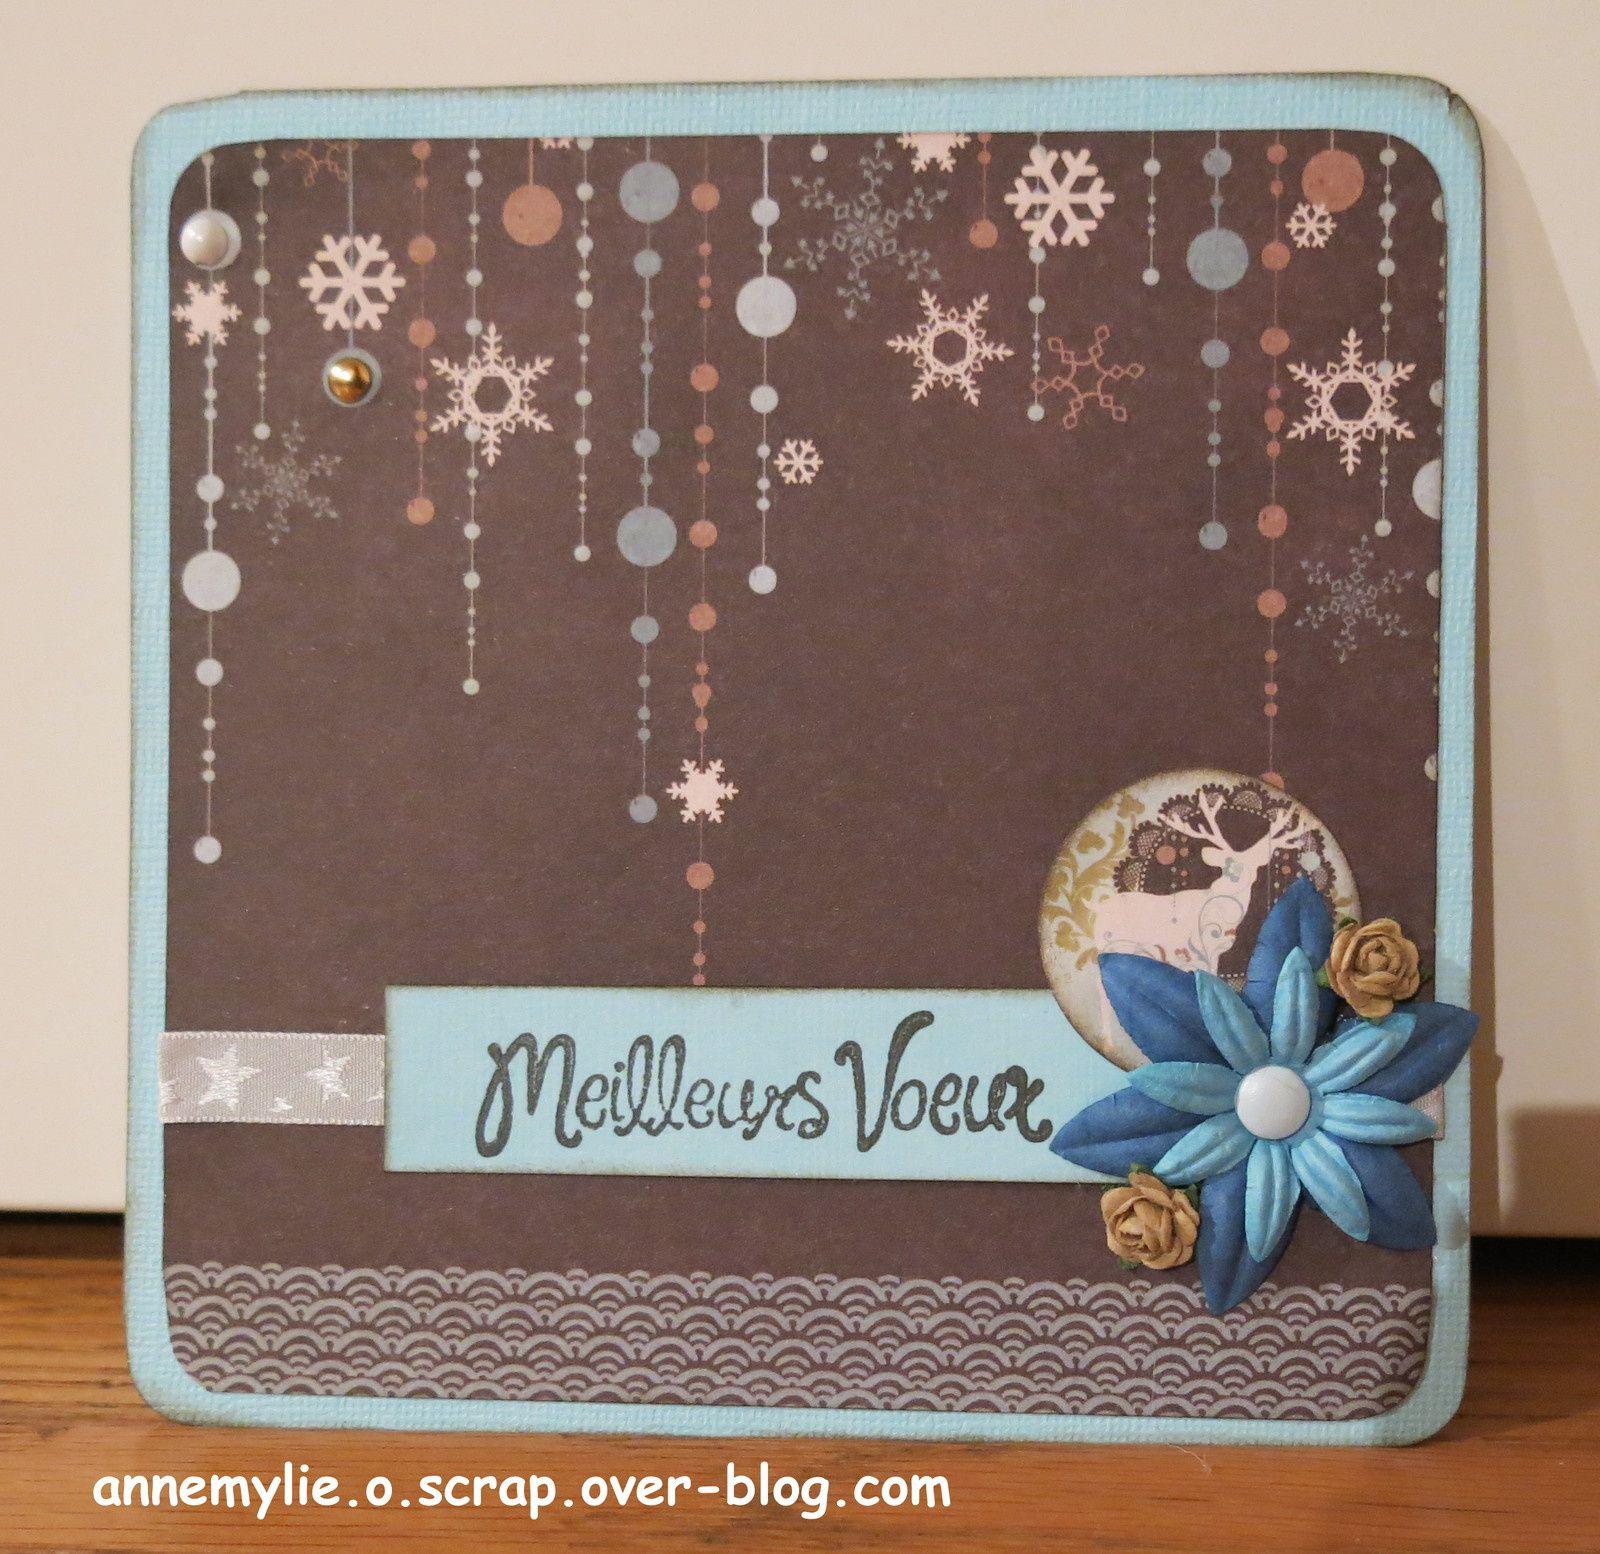 cartes de fin d'année en bleu et marron